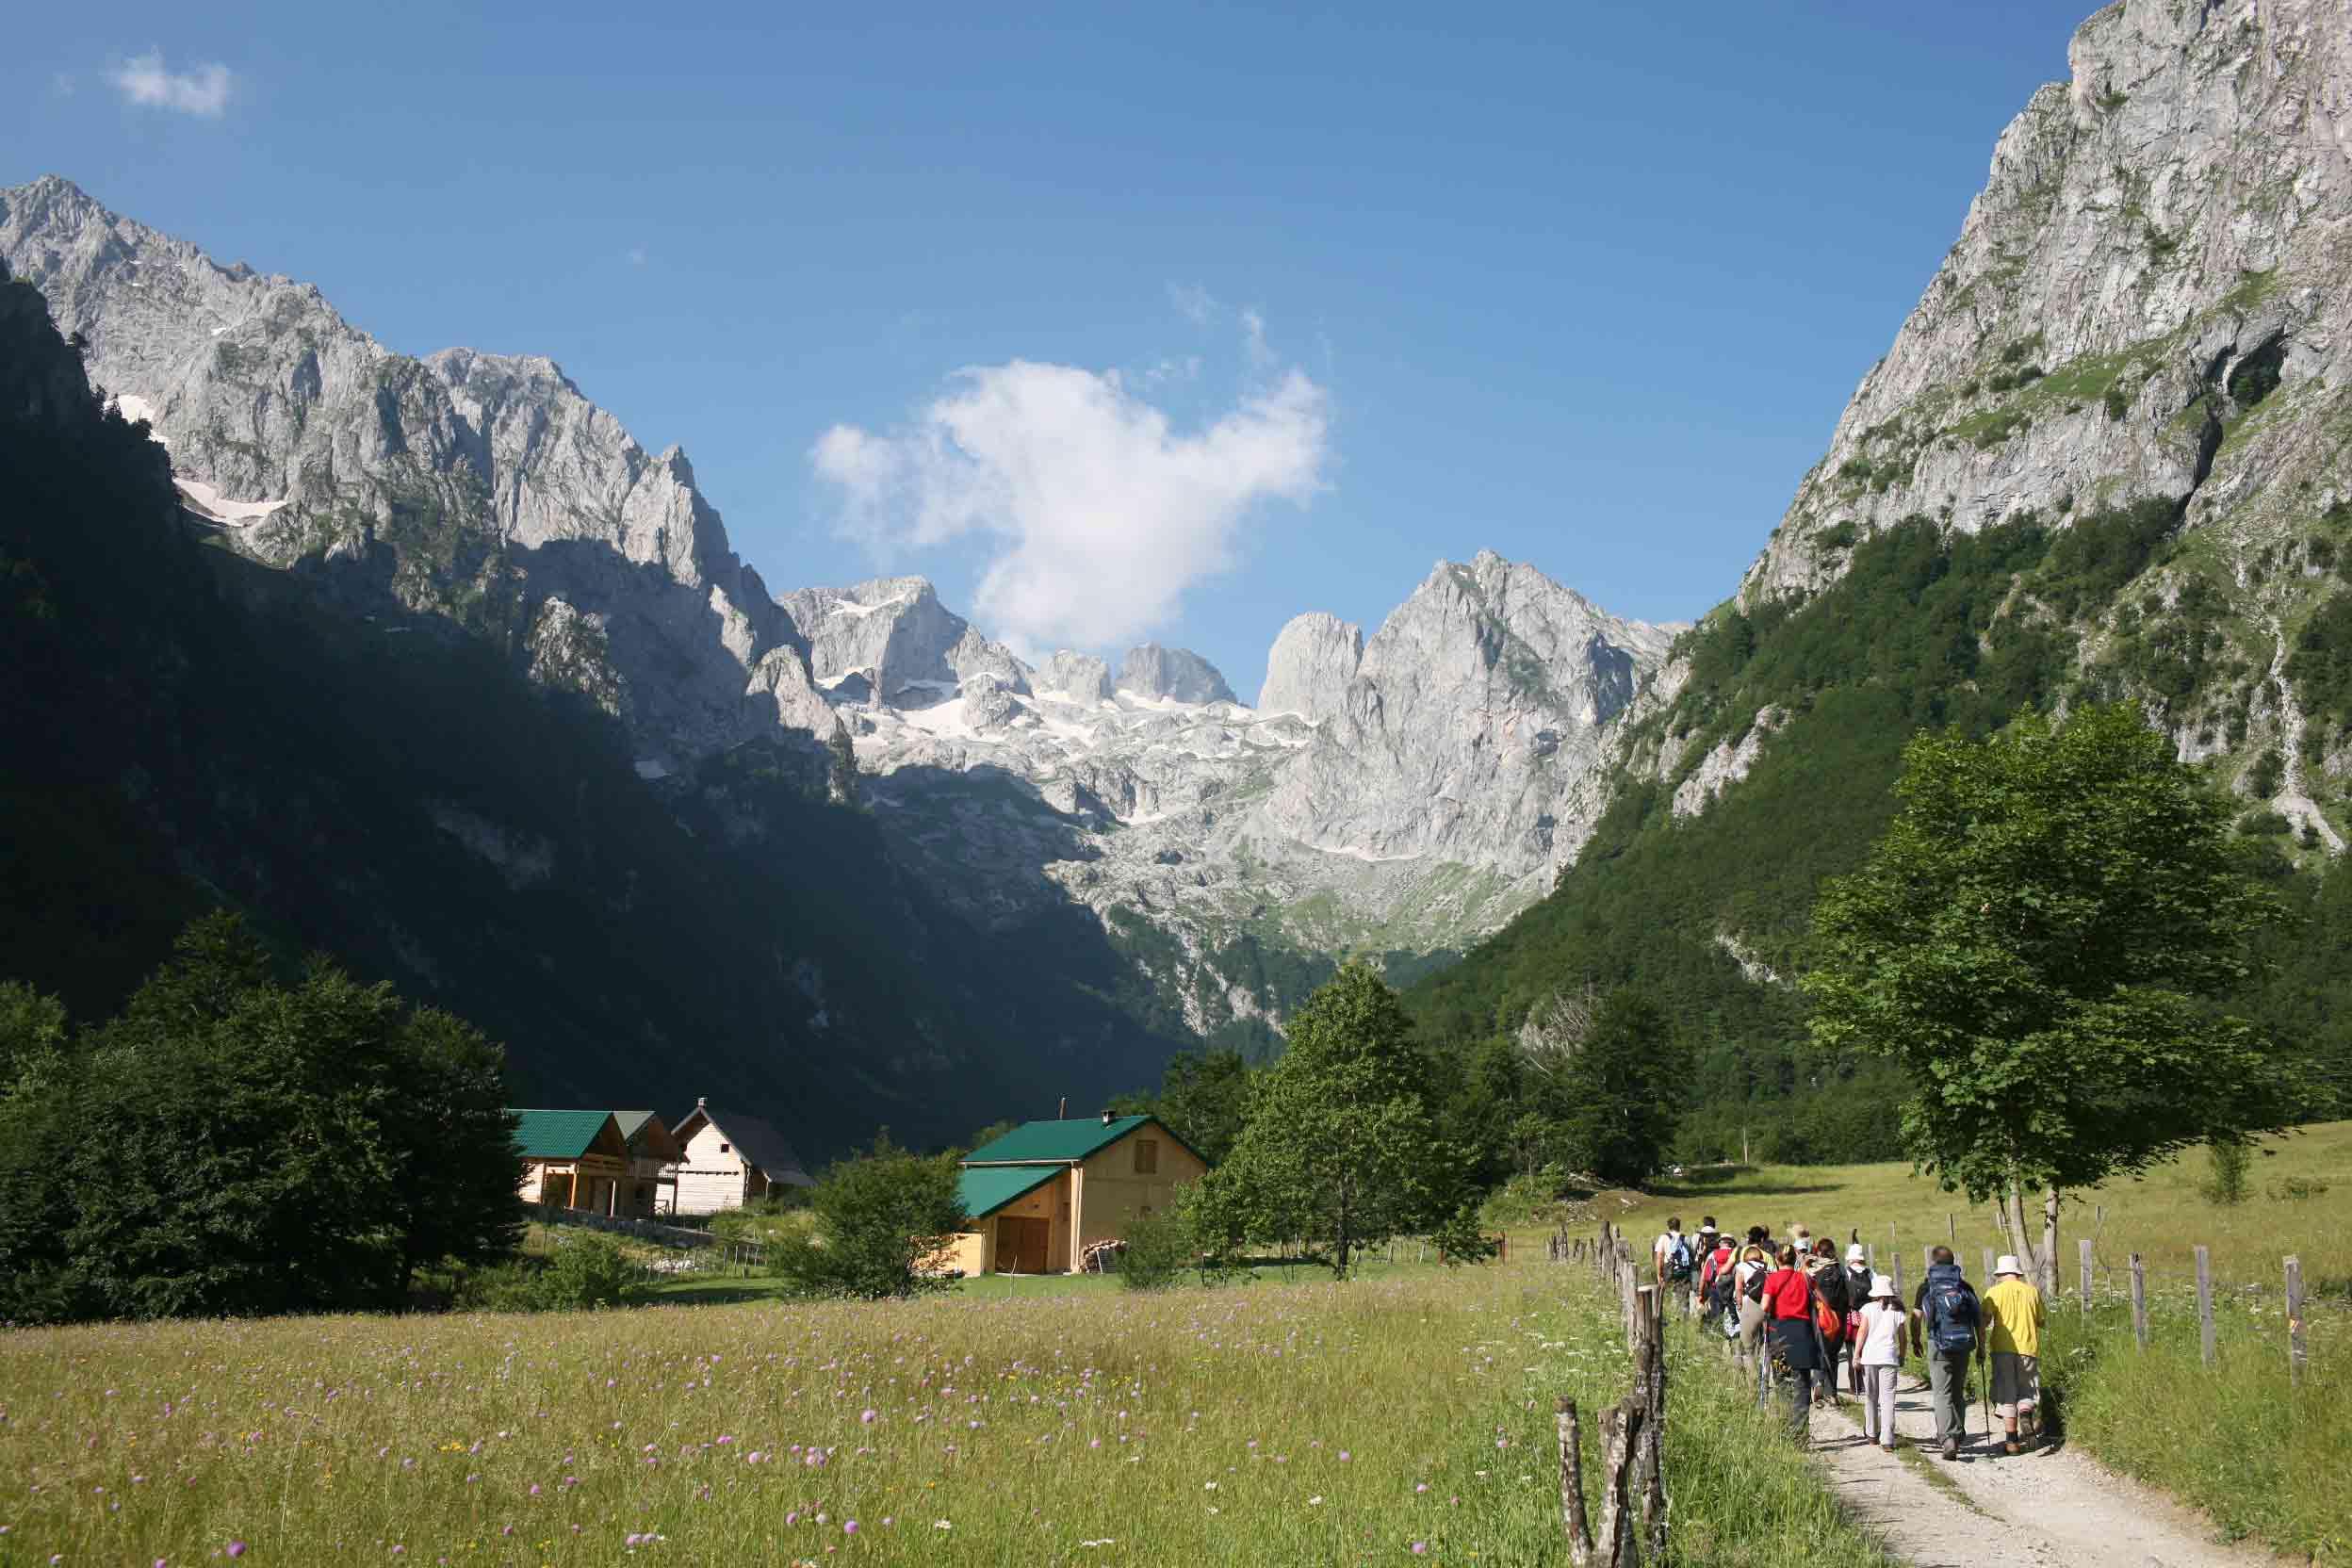 Небольшой национальный парк Проклетие находится на востоке Черногории